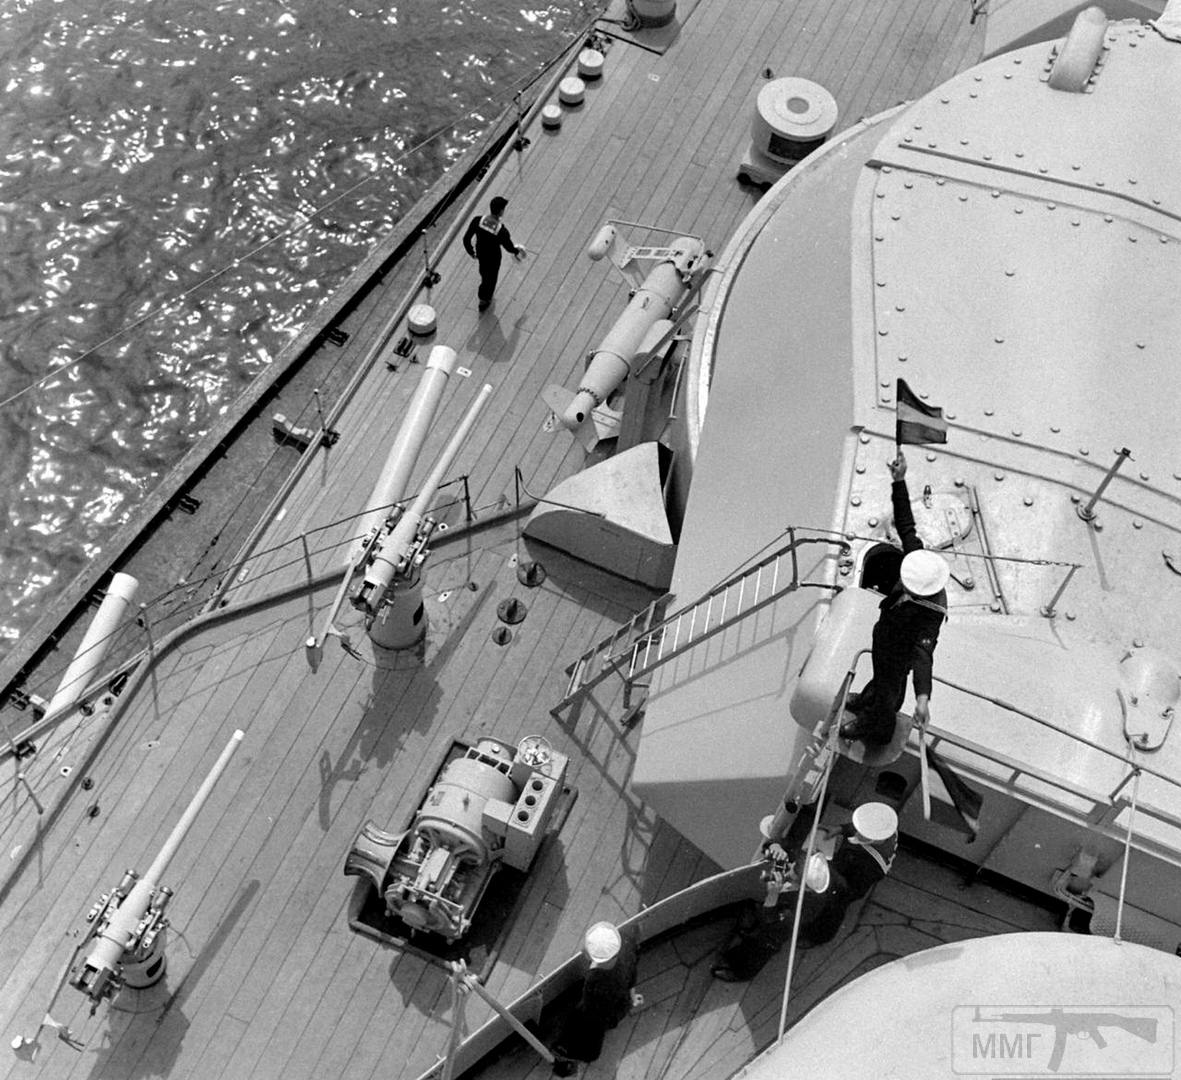 73180 - Линкор Almirante Latorre